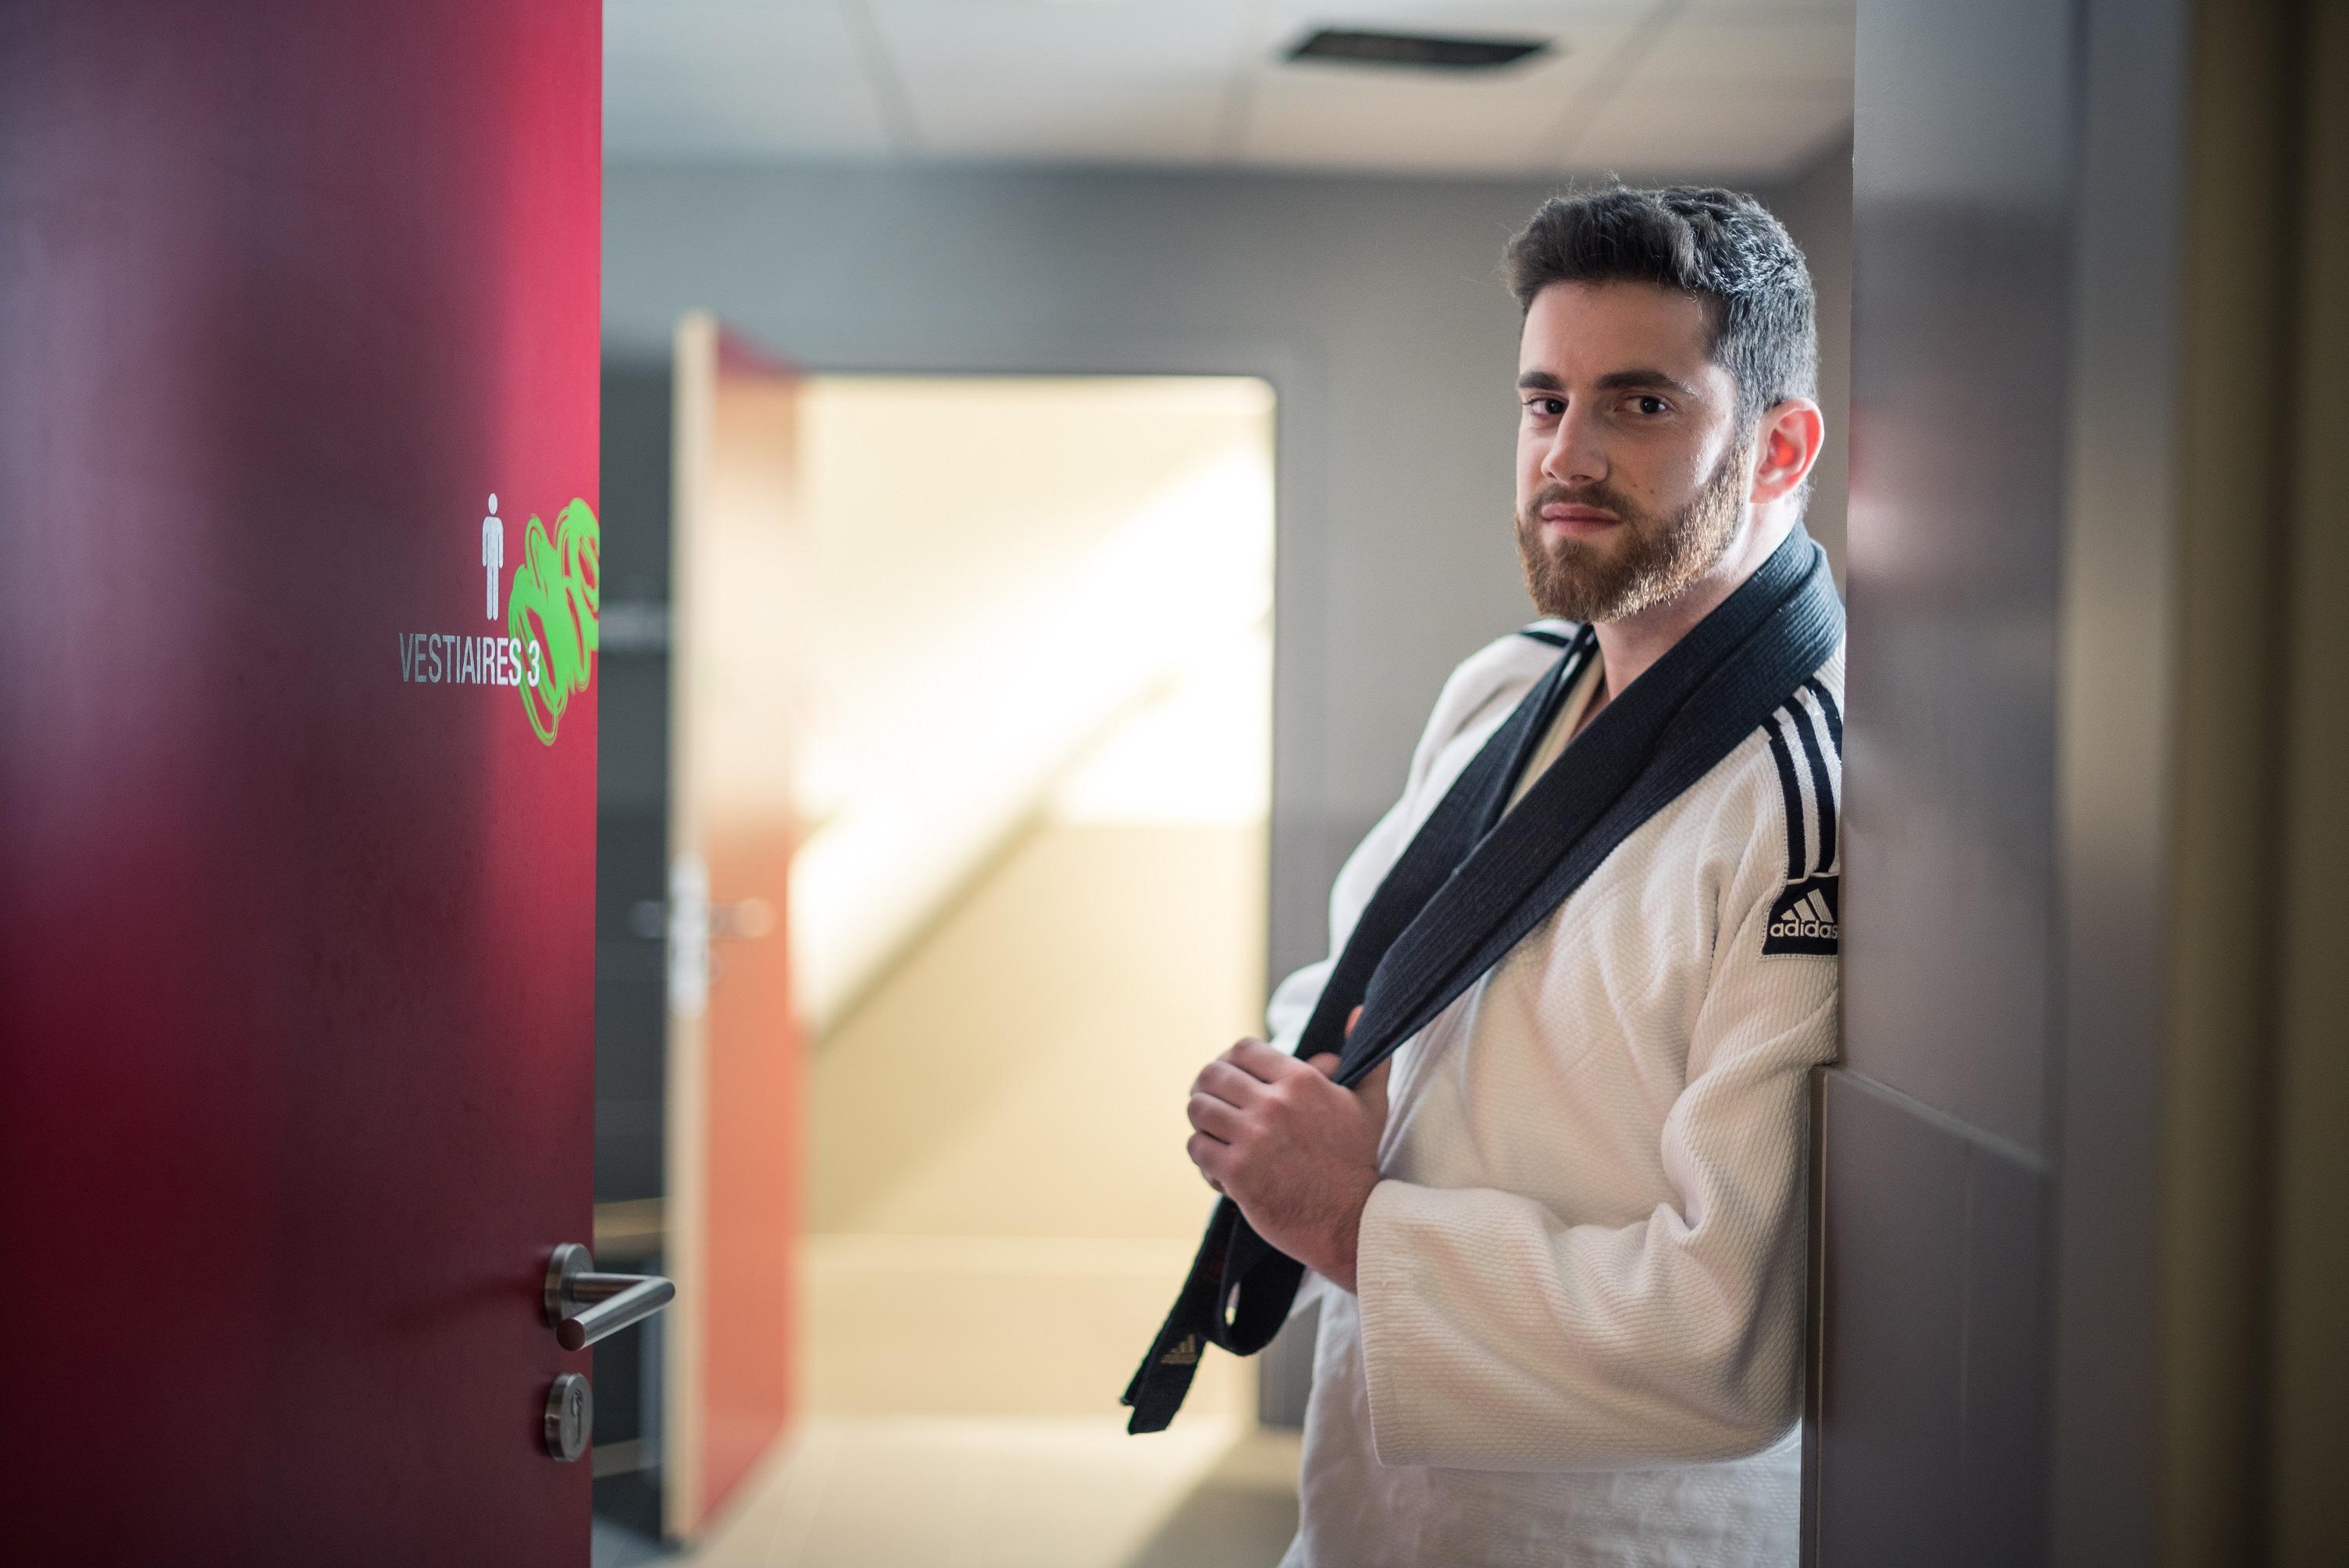 Formation Chaudronnerie soudage judo #JeFabriqueMonAvenir